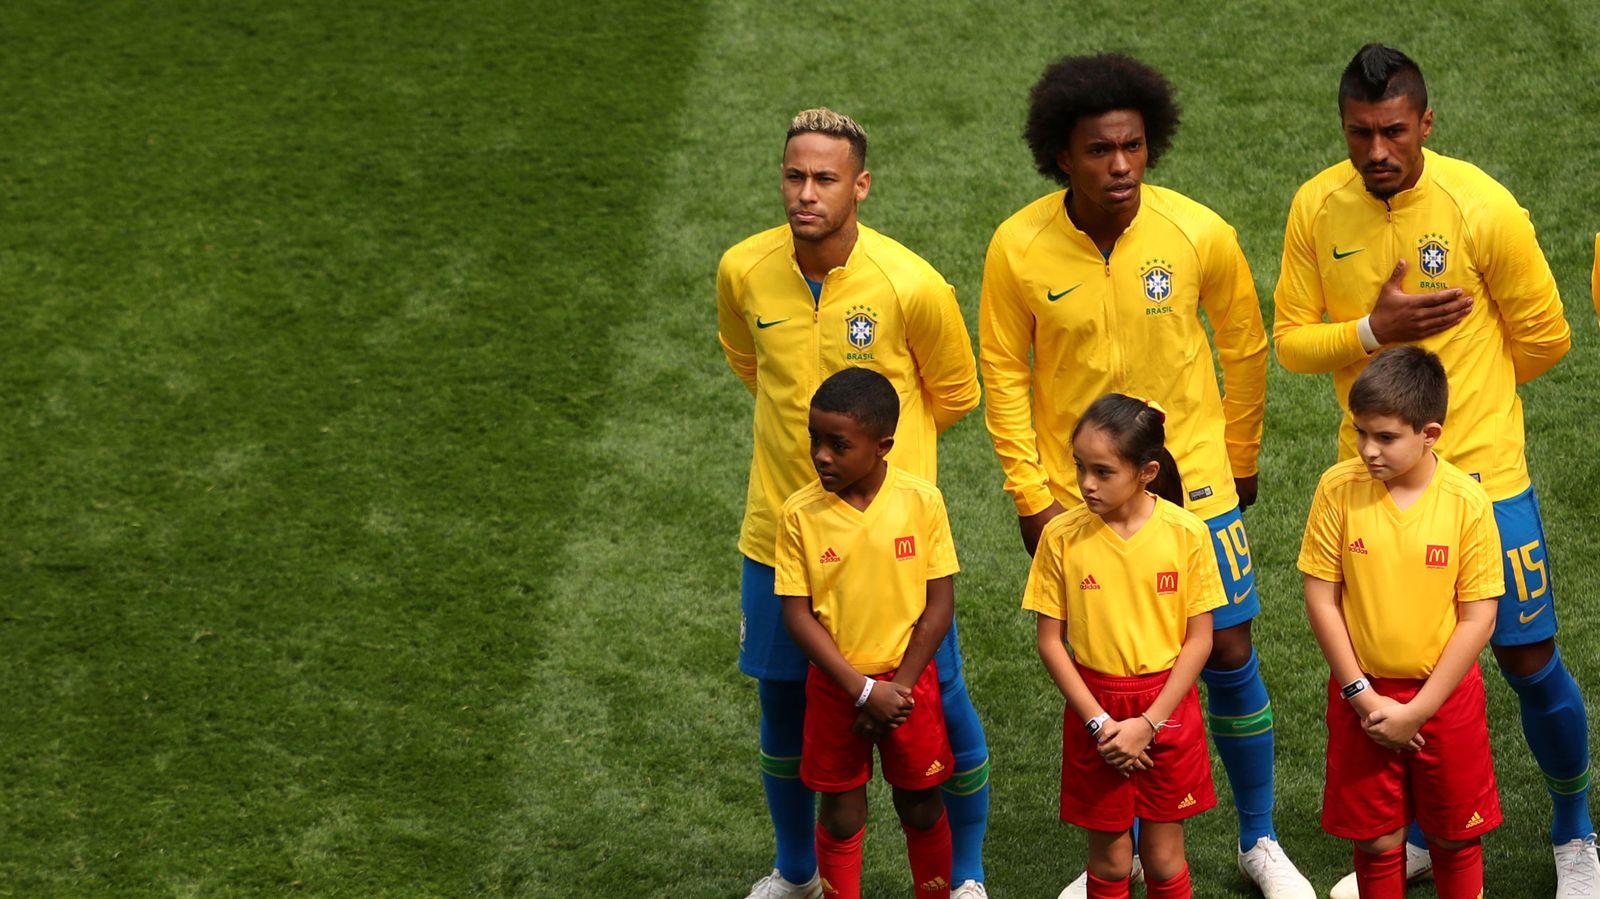 Foto: World cup - group e - brazil vs costa rica